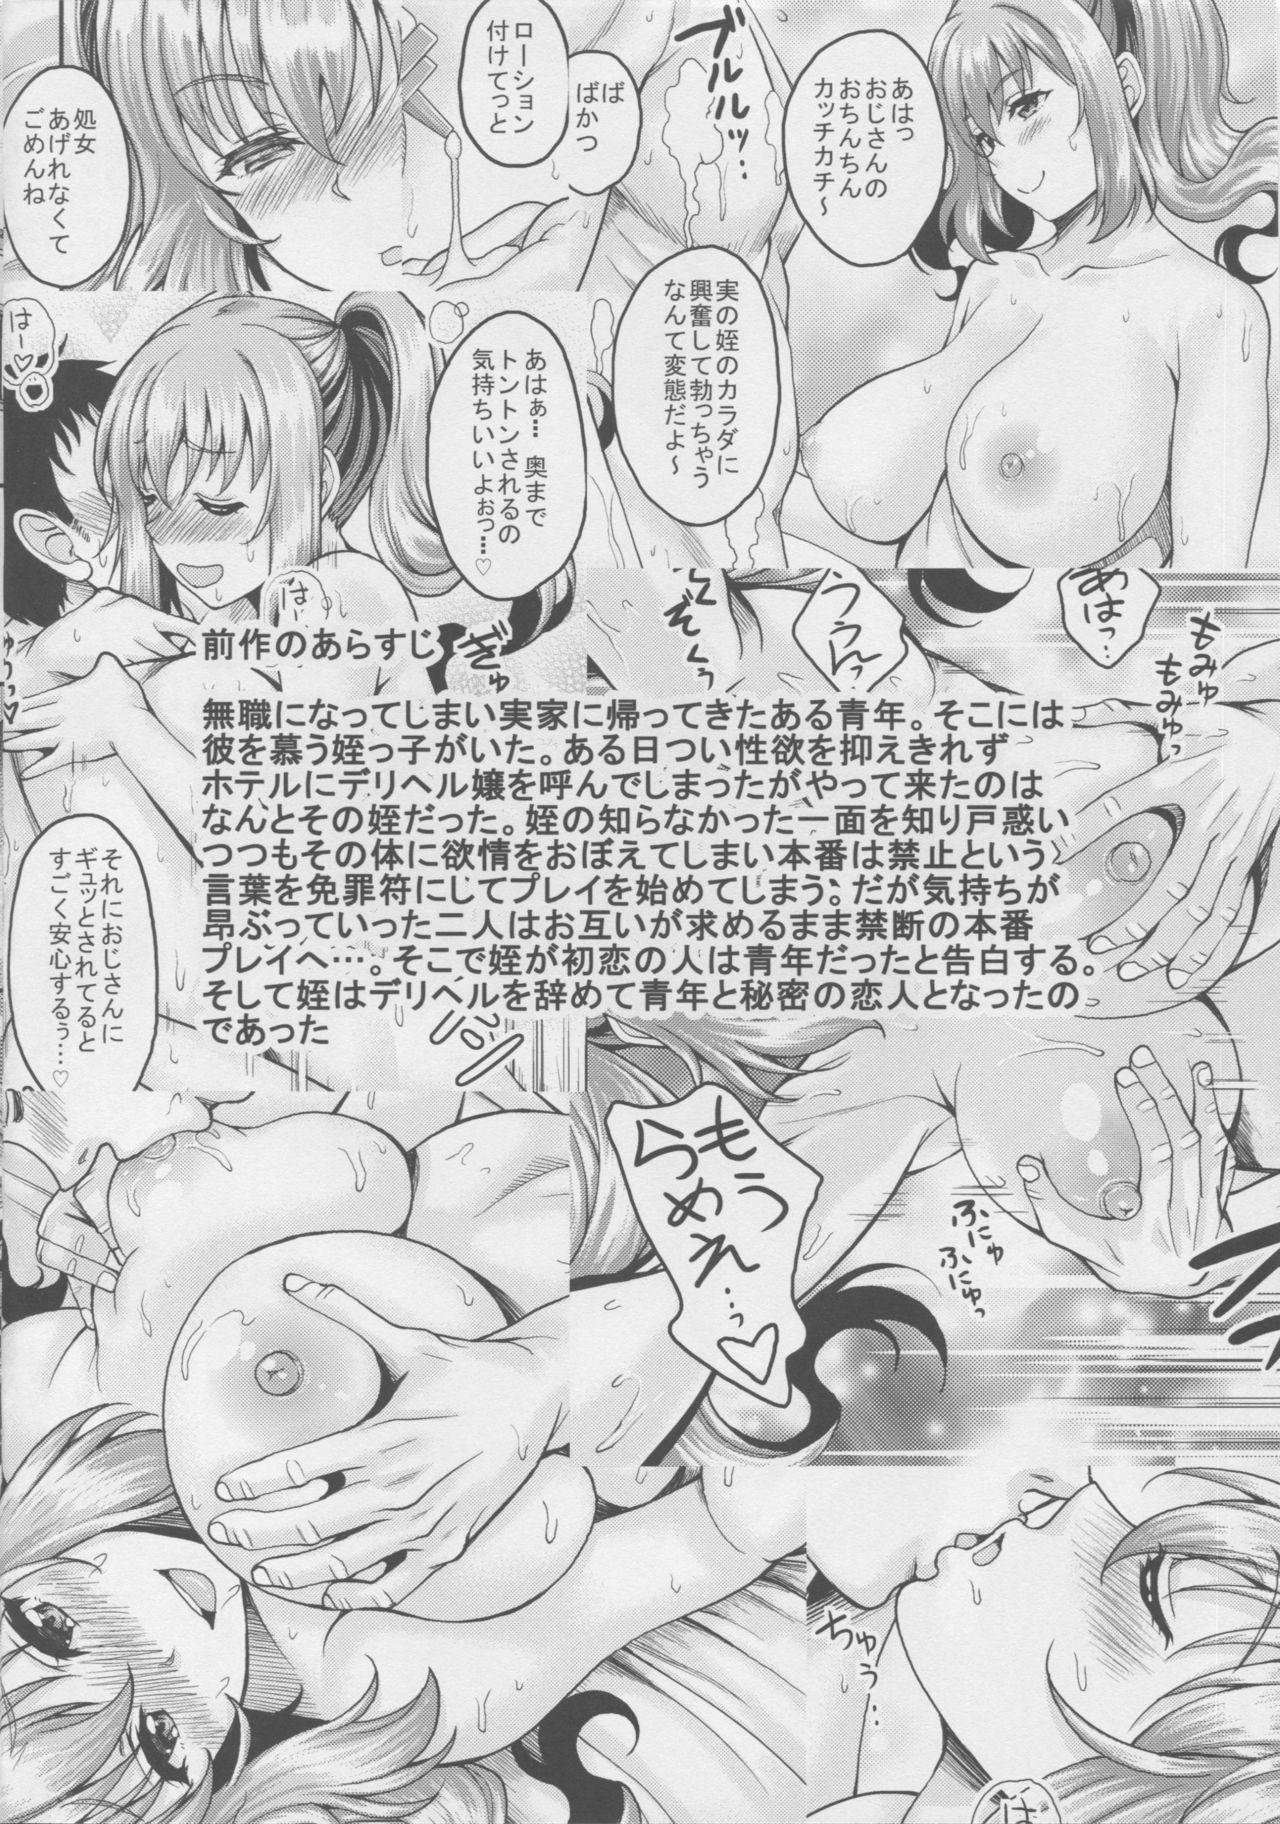 Loli-gao Kyonyuu JK no Meikko ga Iru Fuuzoku ga Arutte Hontou desu ka? 2 2